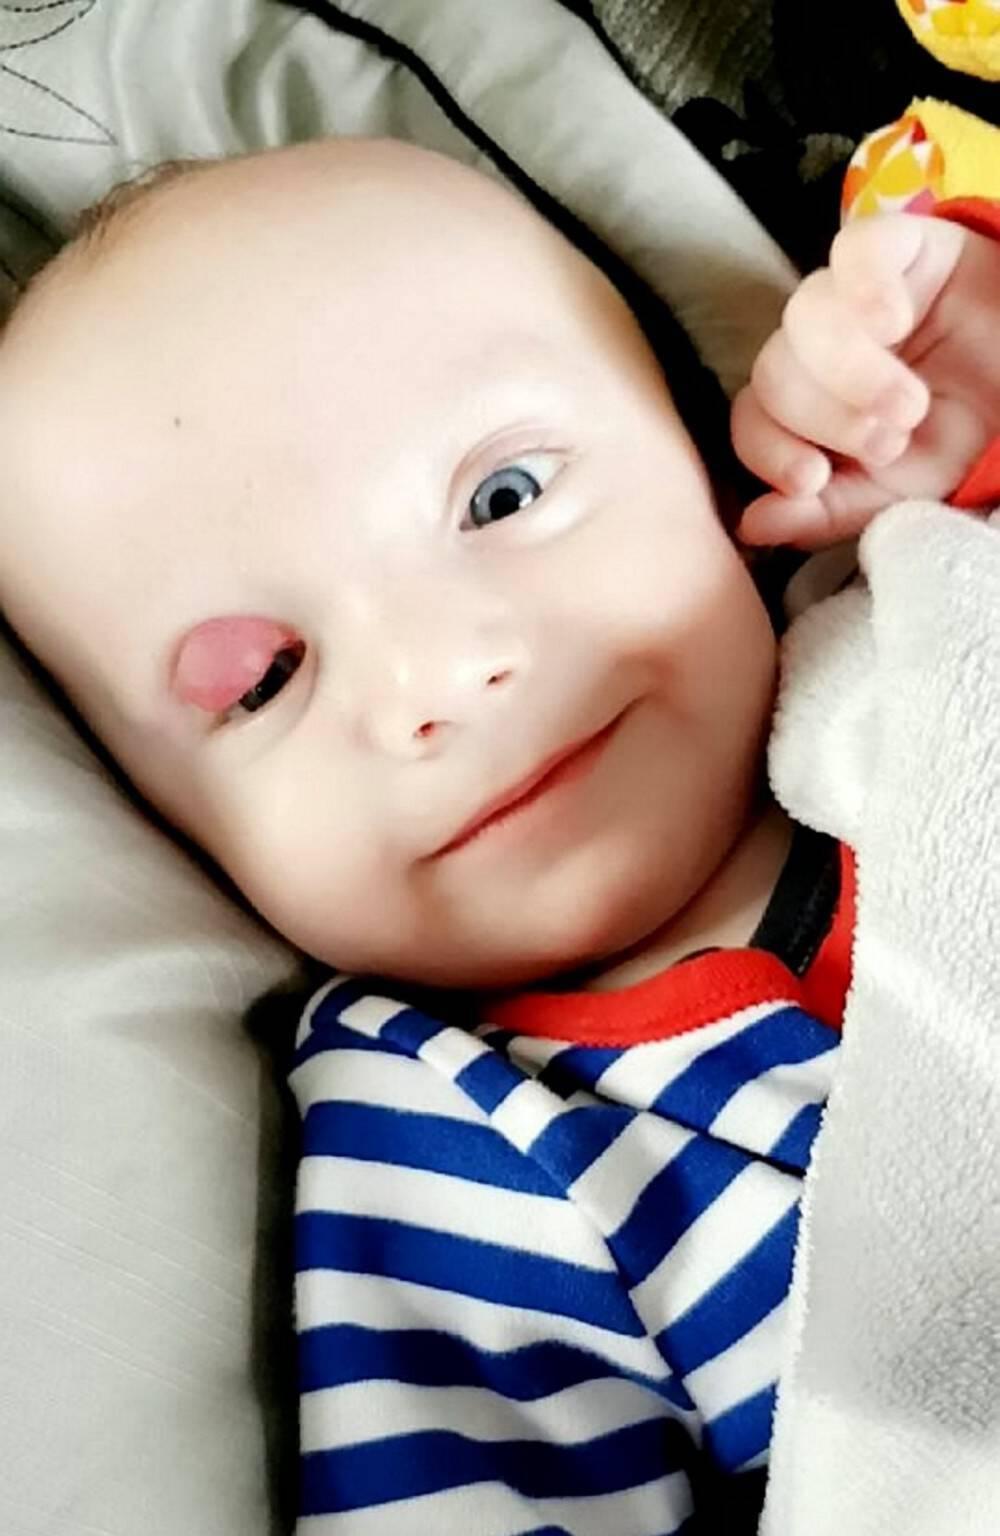 Το πρόωρο μωρό τους γεννήθηκε με έναν μεγάλο όγκο στο μάτι. Όταν οι γιατροί τους απογοήτευσαν, δεν έχασαν την πίστη τους και πέτυχαν το ανέλπιστο!